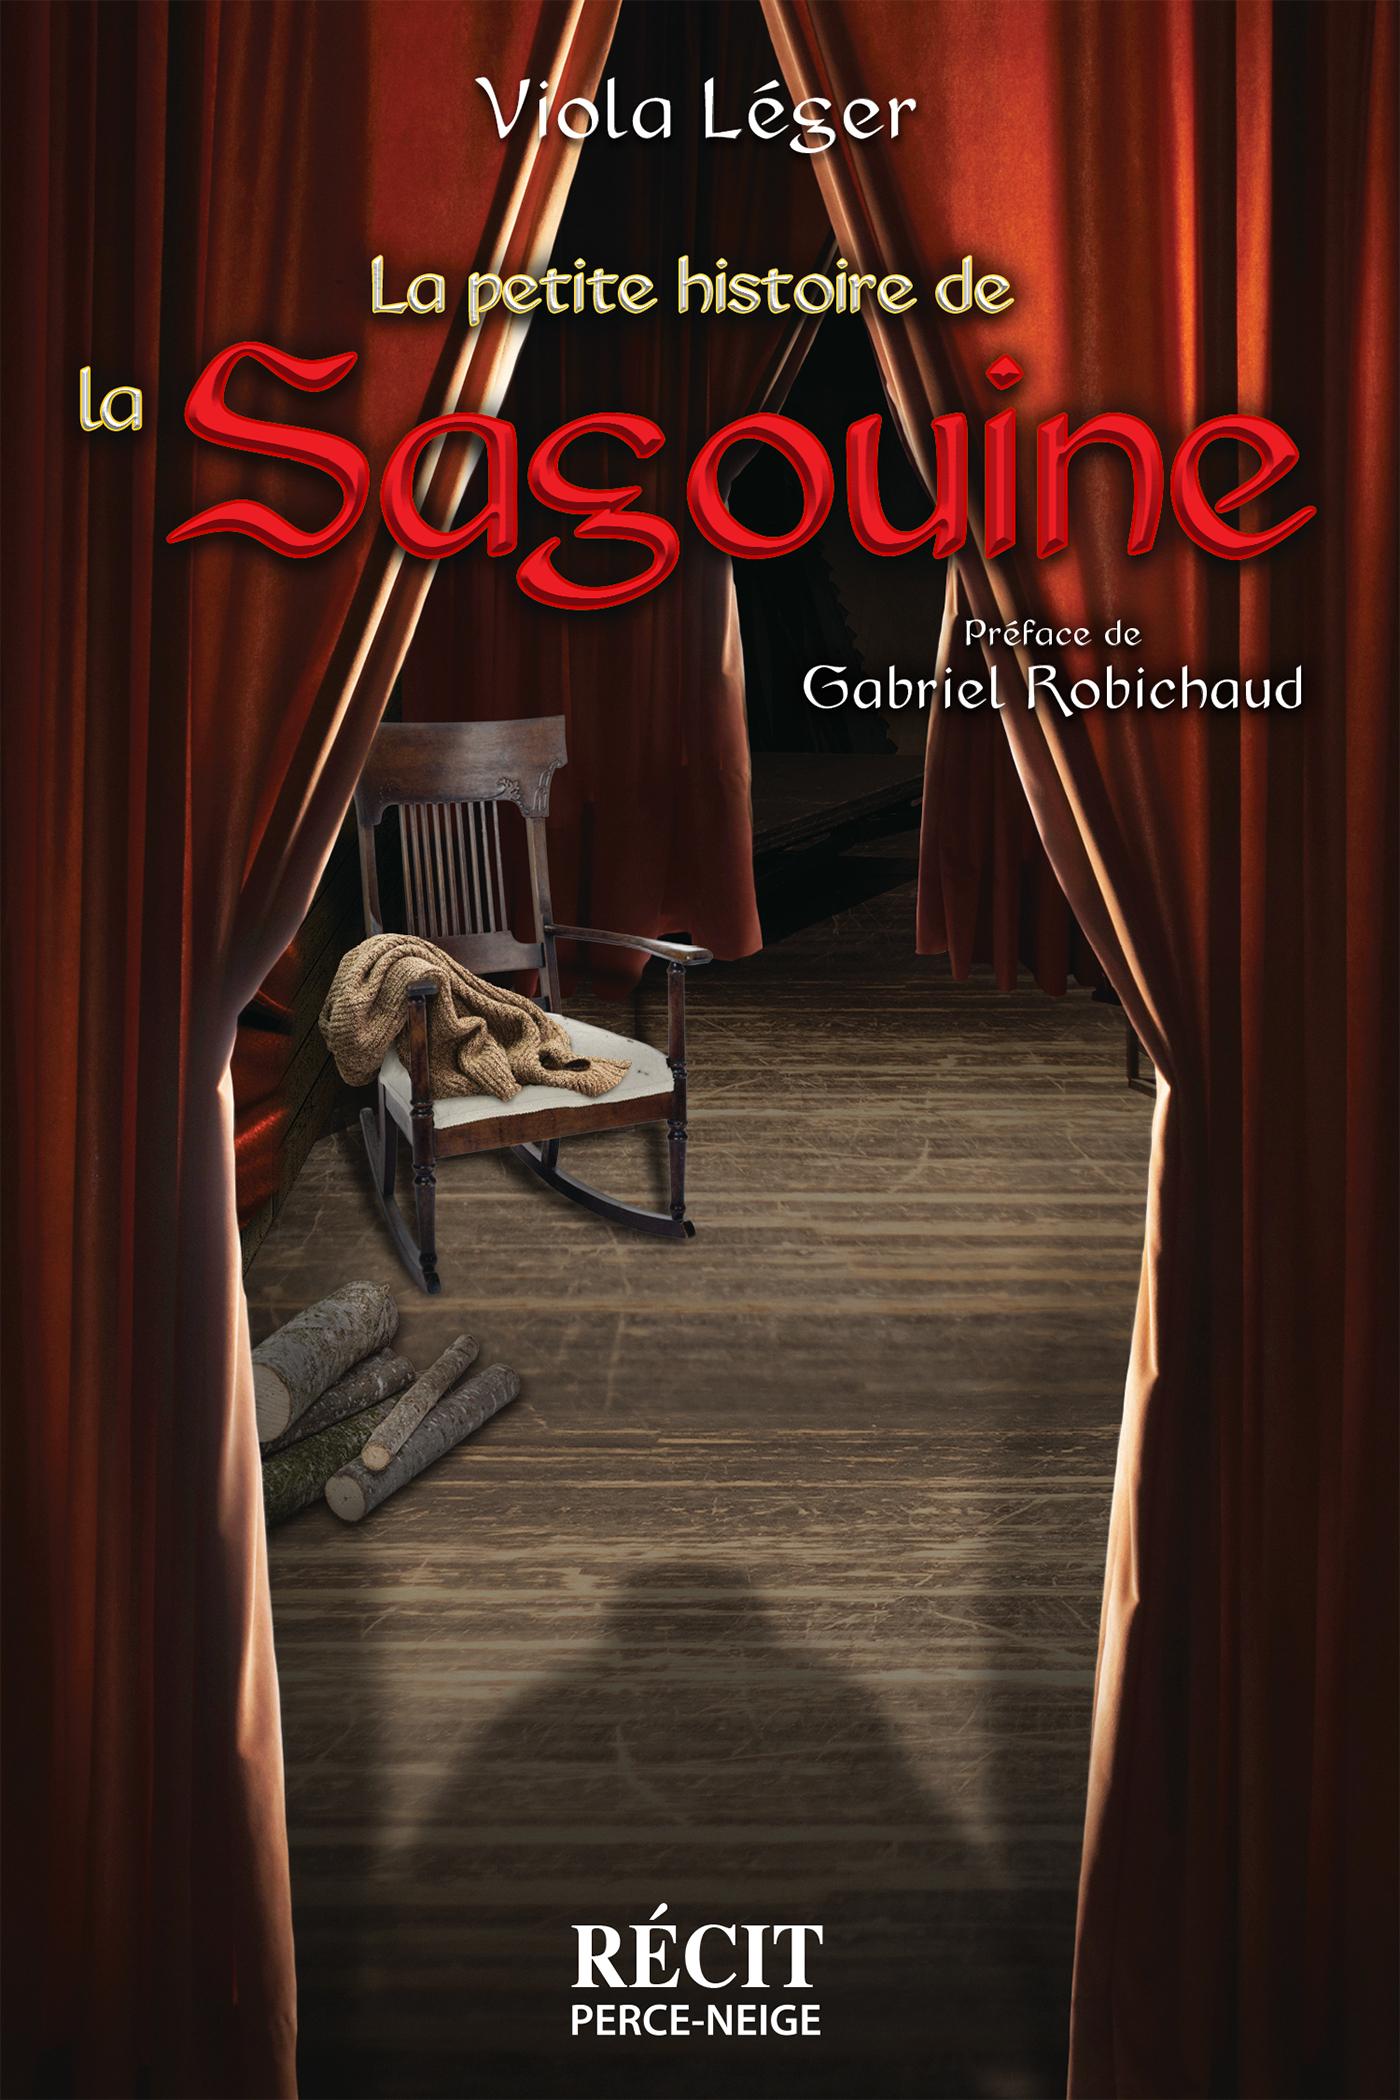 La petite histoire de la Sagouine